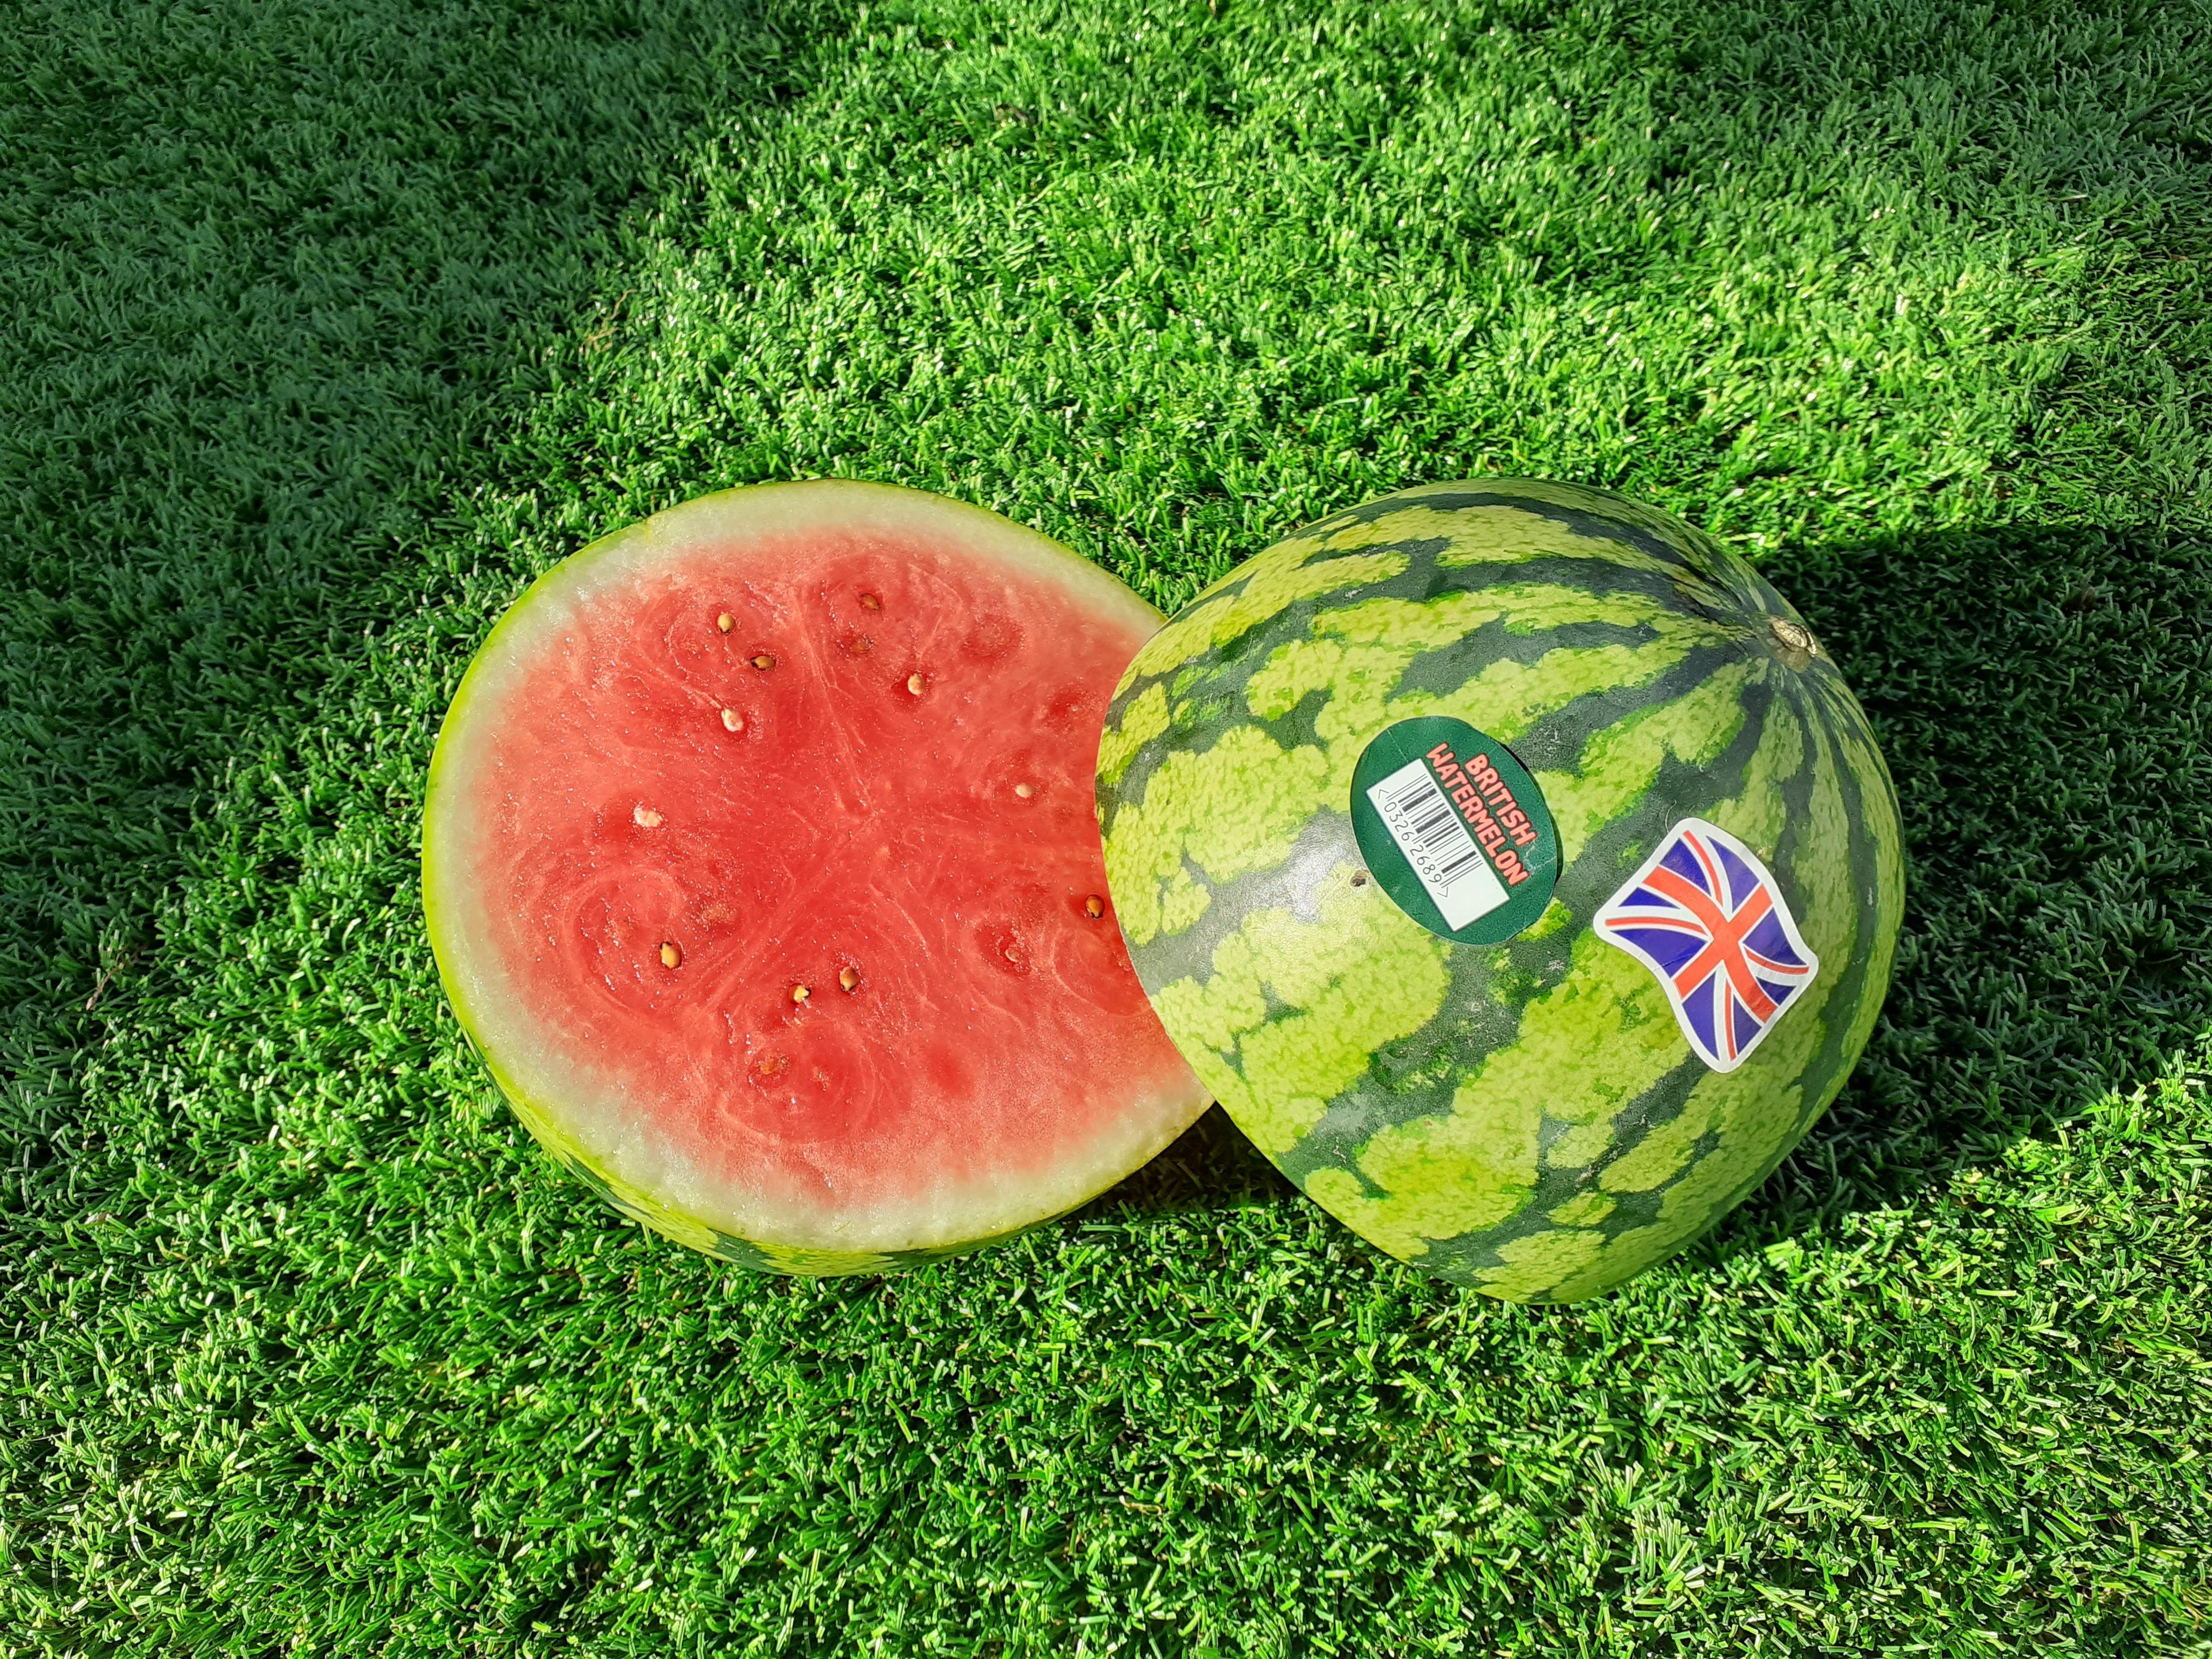 Heatwave helps bumper watermelon crop at British farm